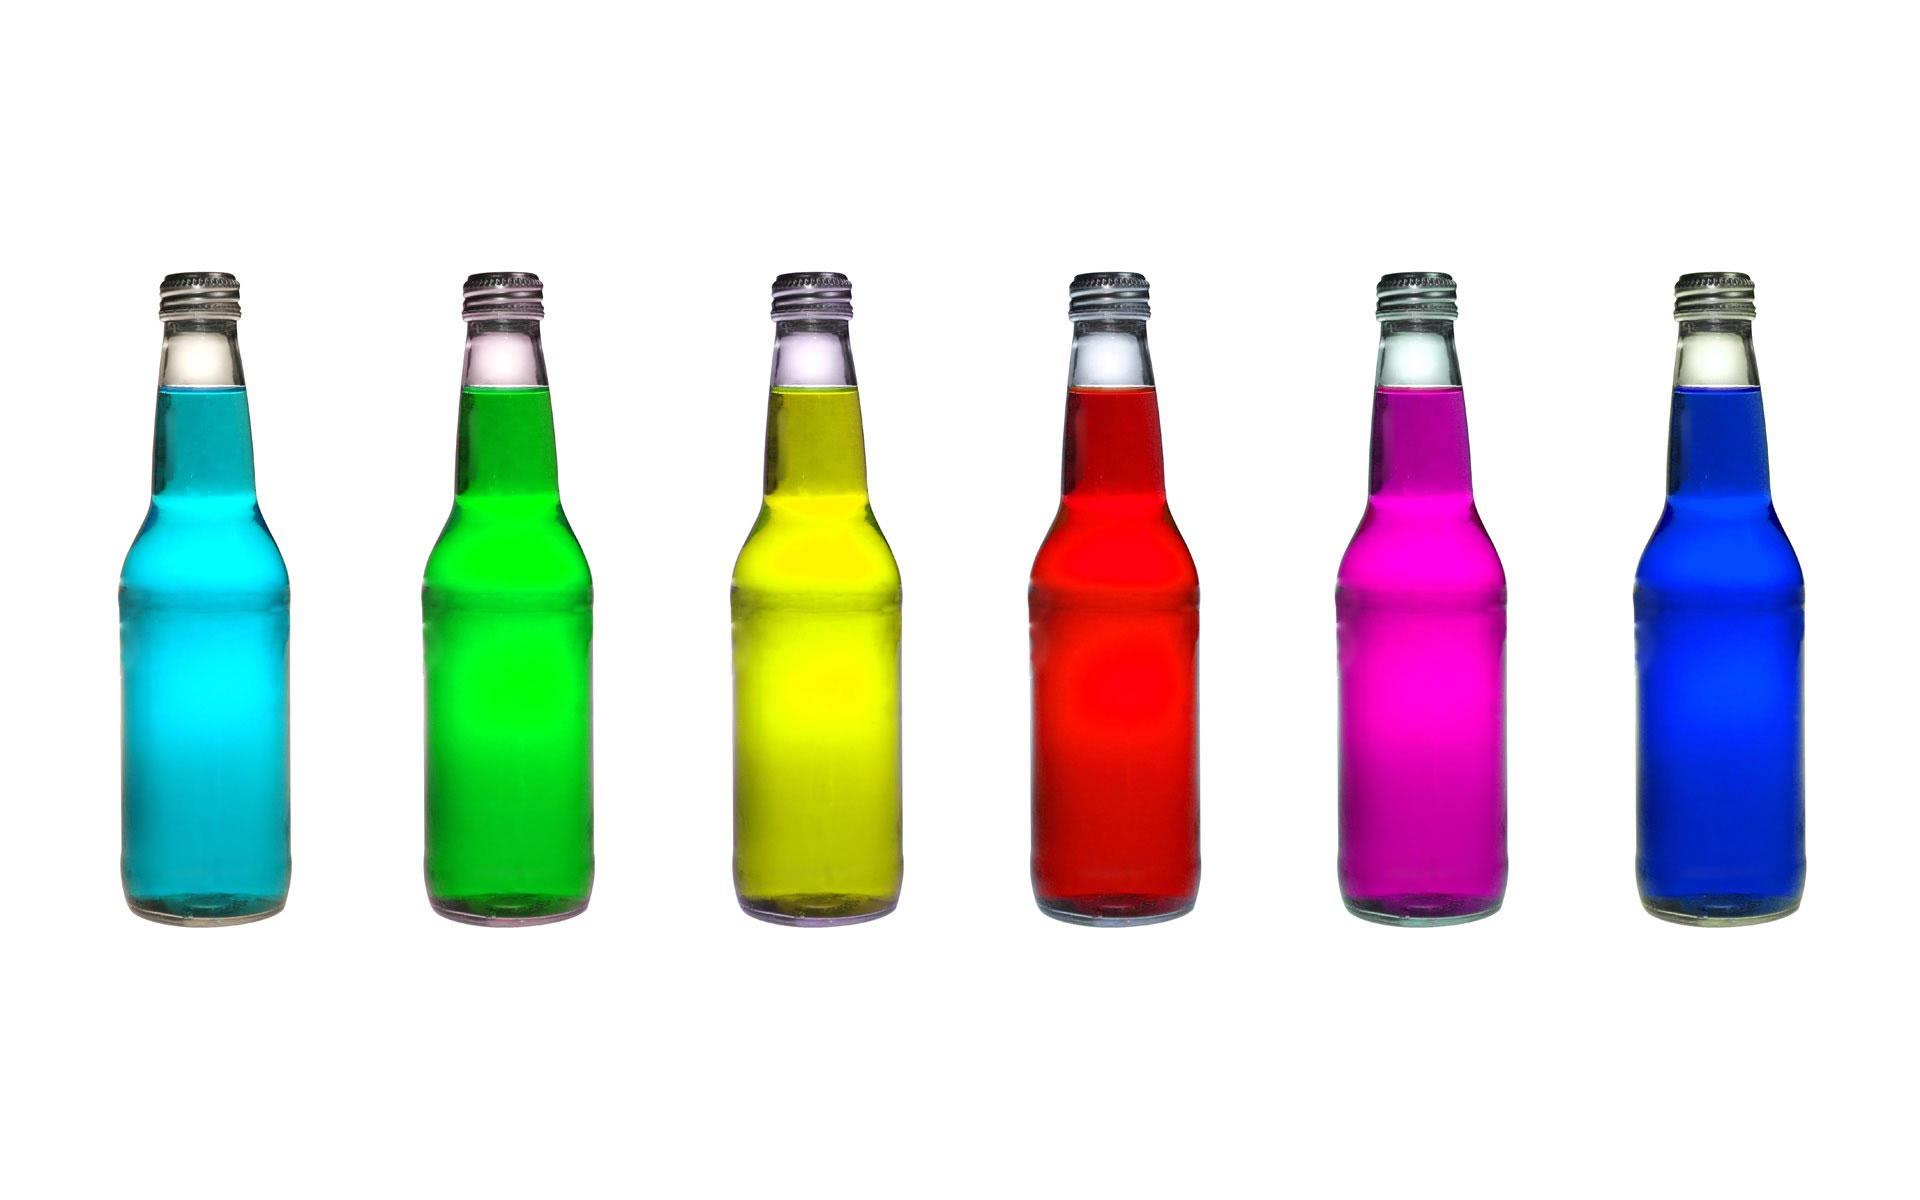 botellas de varios colores wallpapers free rainbow clip art images free rainbow clip art printable